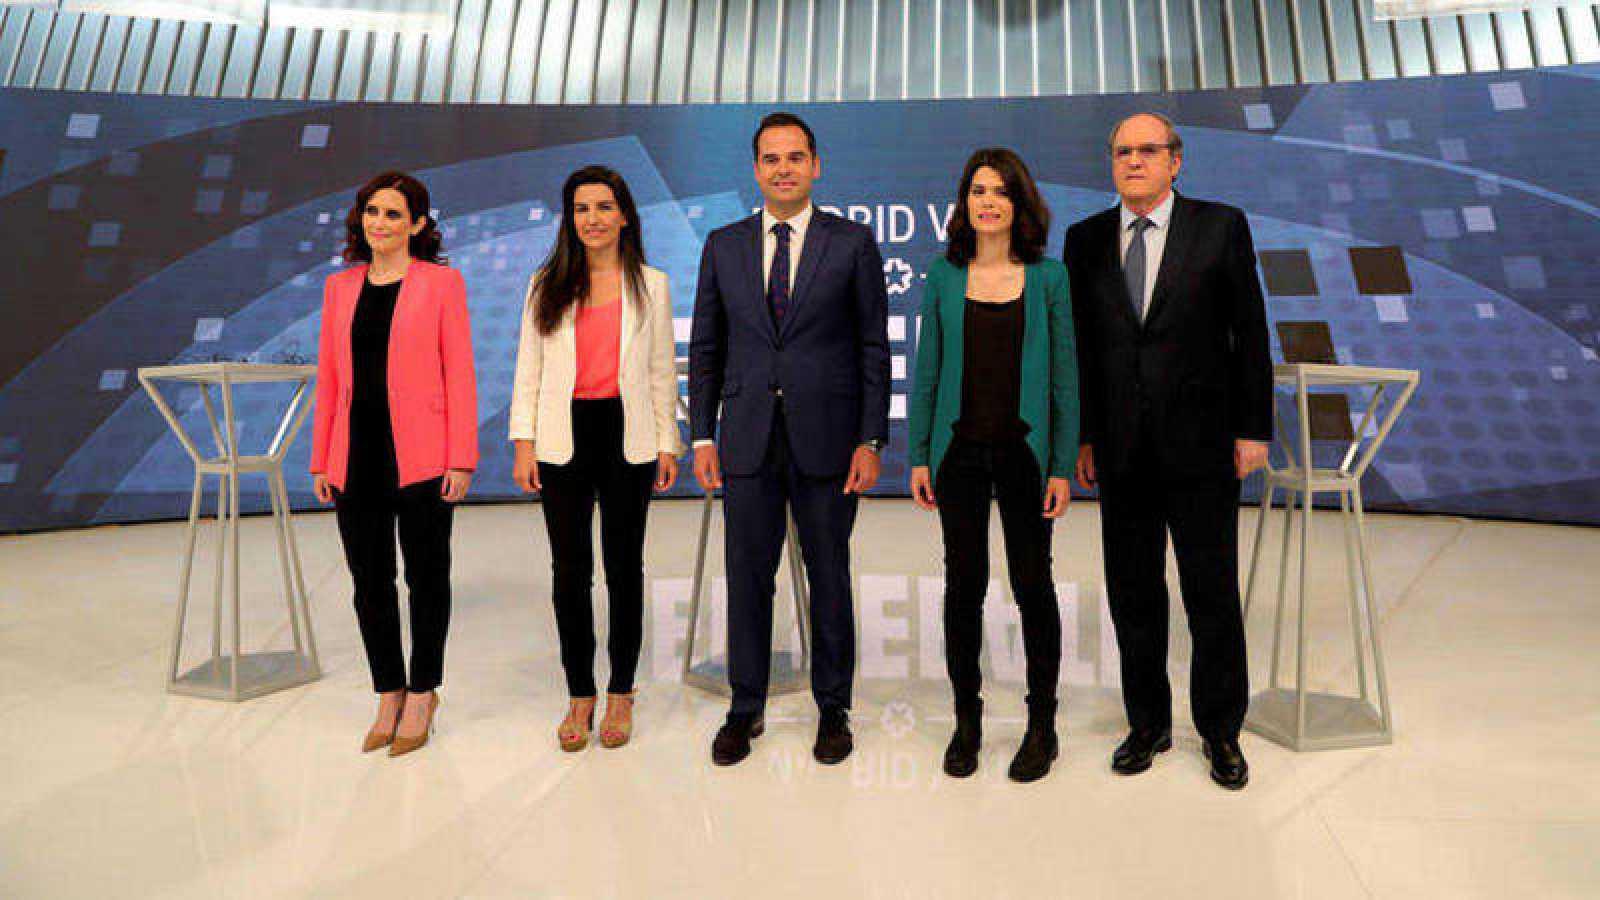 Isabel Aguado (PP), Rocío Monasterio (Vox), Ignacio Aguado (Cs), Isa Serra (Unidas Podemos) y Ángel Gabilondo (PSOE)en el debate de Telemadrid para las elecciones autonómicas